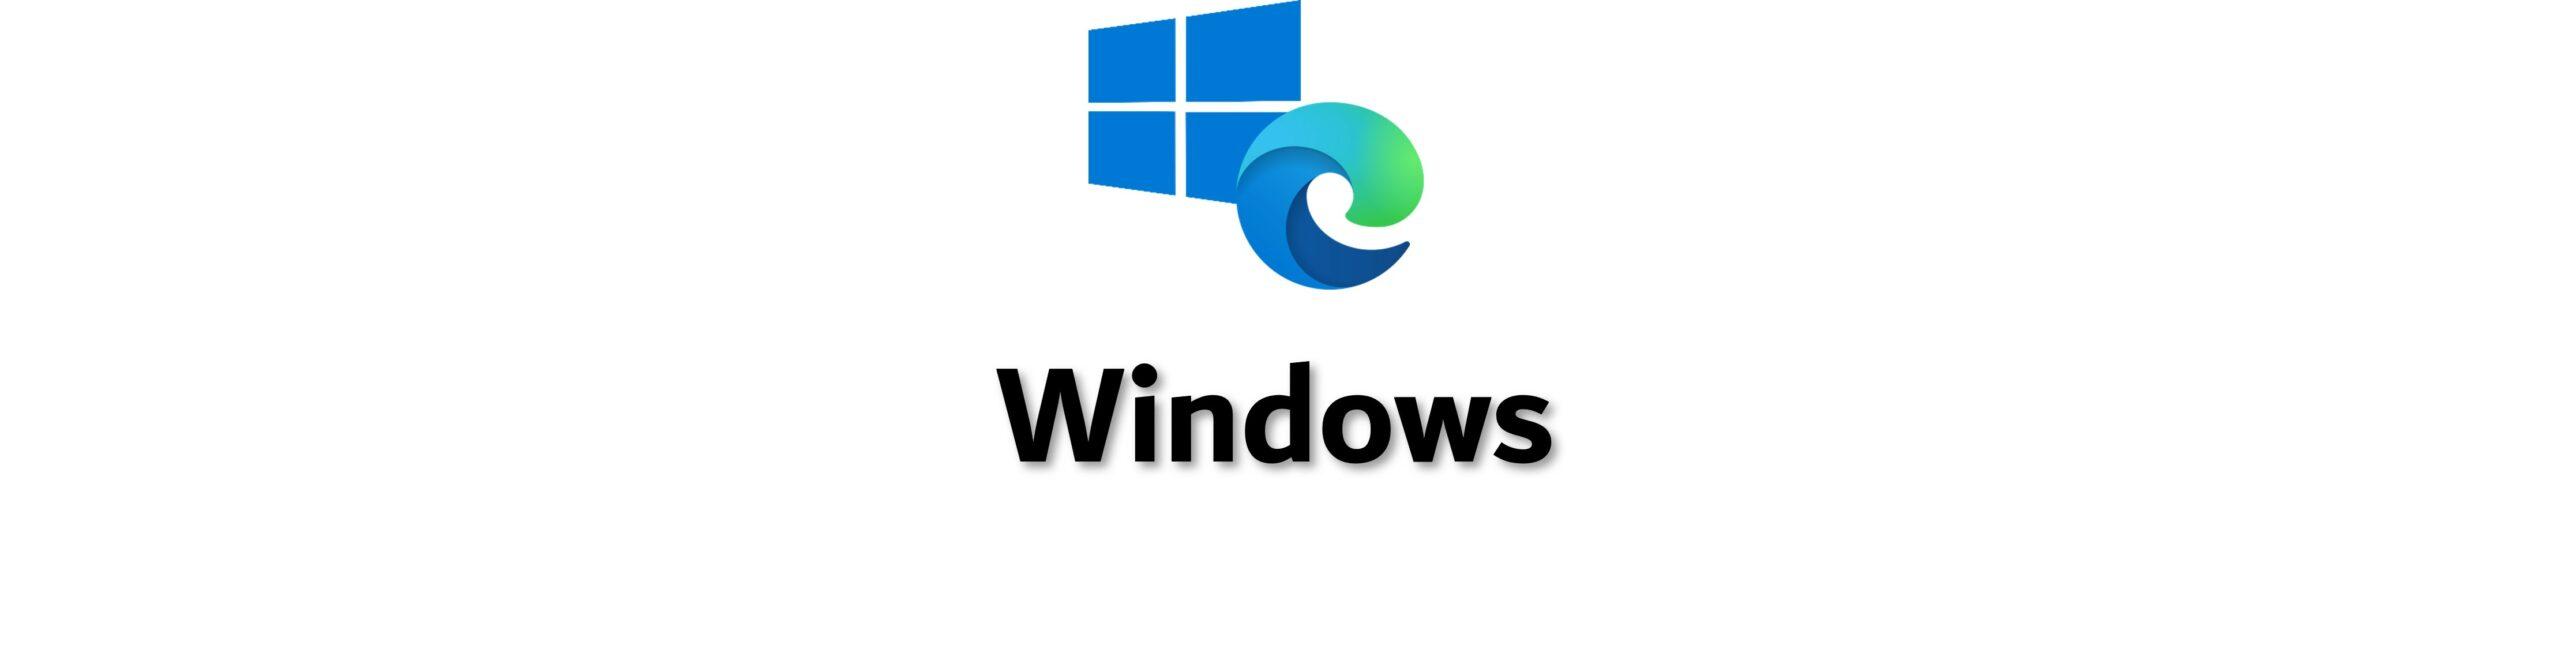 Windows und Edge Logo